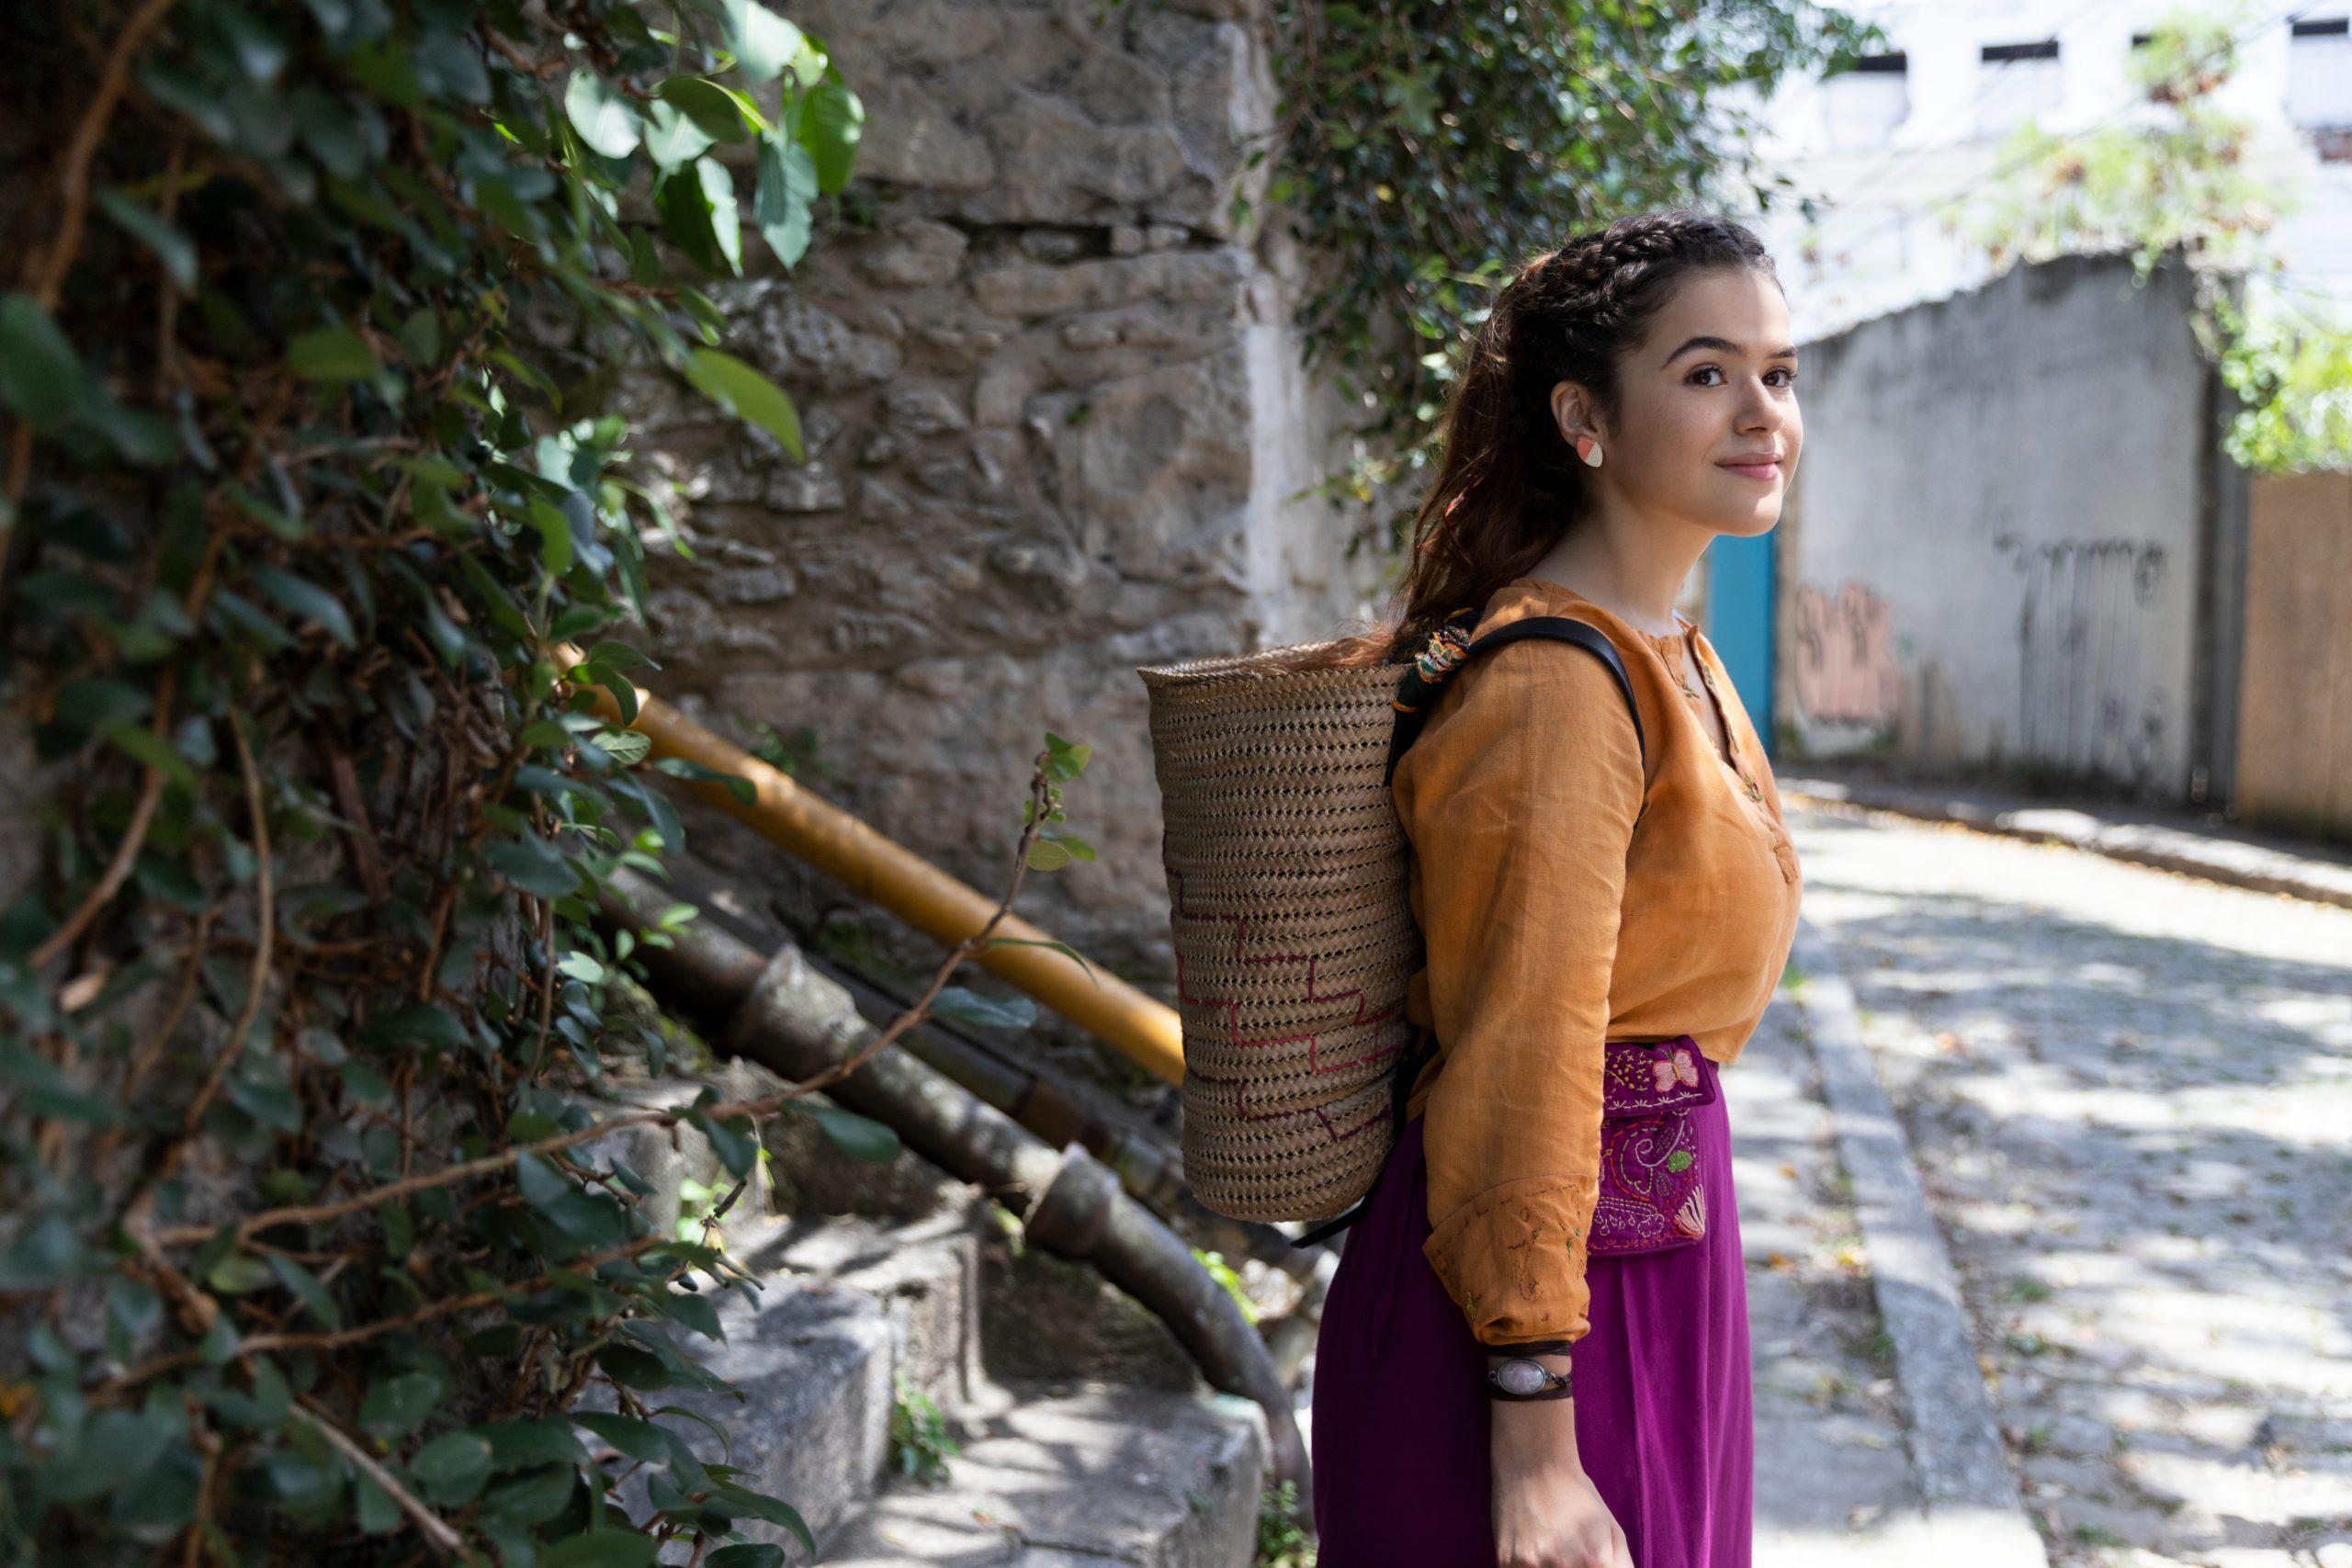 Cena do filme Pai em Dobro. Mostra a personagem de Maísa Silva caracterizada como Vicenza. Ela é uma mulher branca, jovem e usa uma blusa laranja, de mangas compridas e soltas, que está colocada para dentro de uma calça pantalona de cintura alta e roxa. Ela tem os cabelos castanhos presos em várias tranças que se unem no topo da cabeça e usa uma mochila de palha. Ela está de perfil em uma rua e ao fundo vemos algumas paredes cinzas e alguns galhos com folhas.